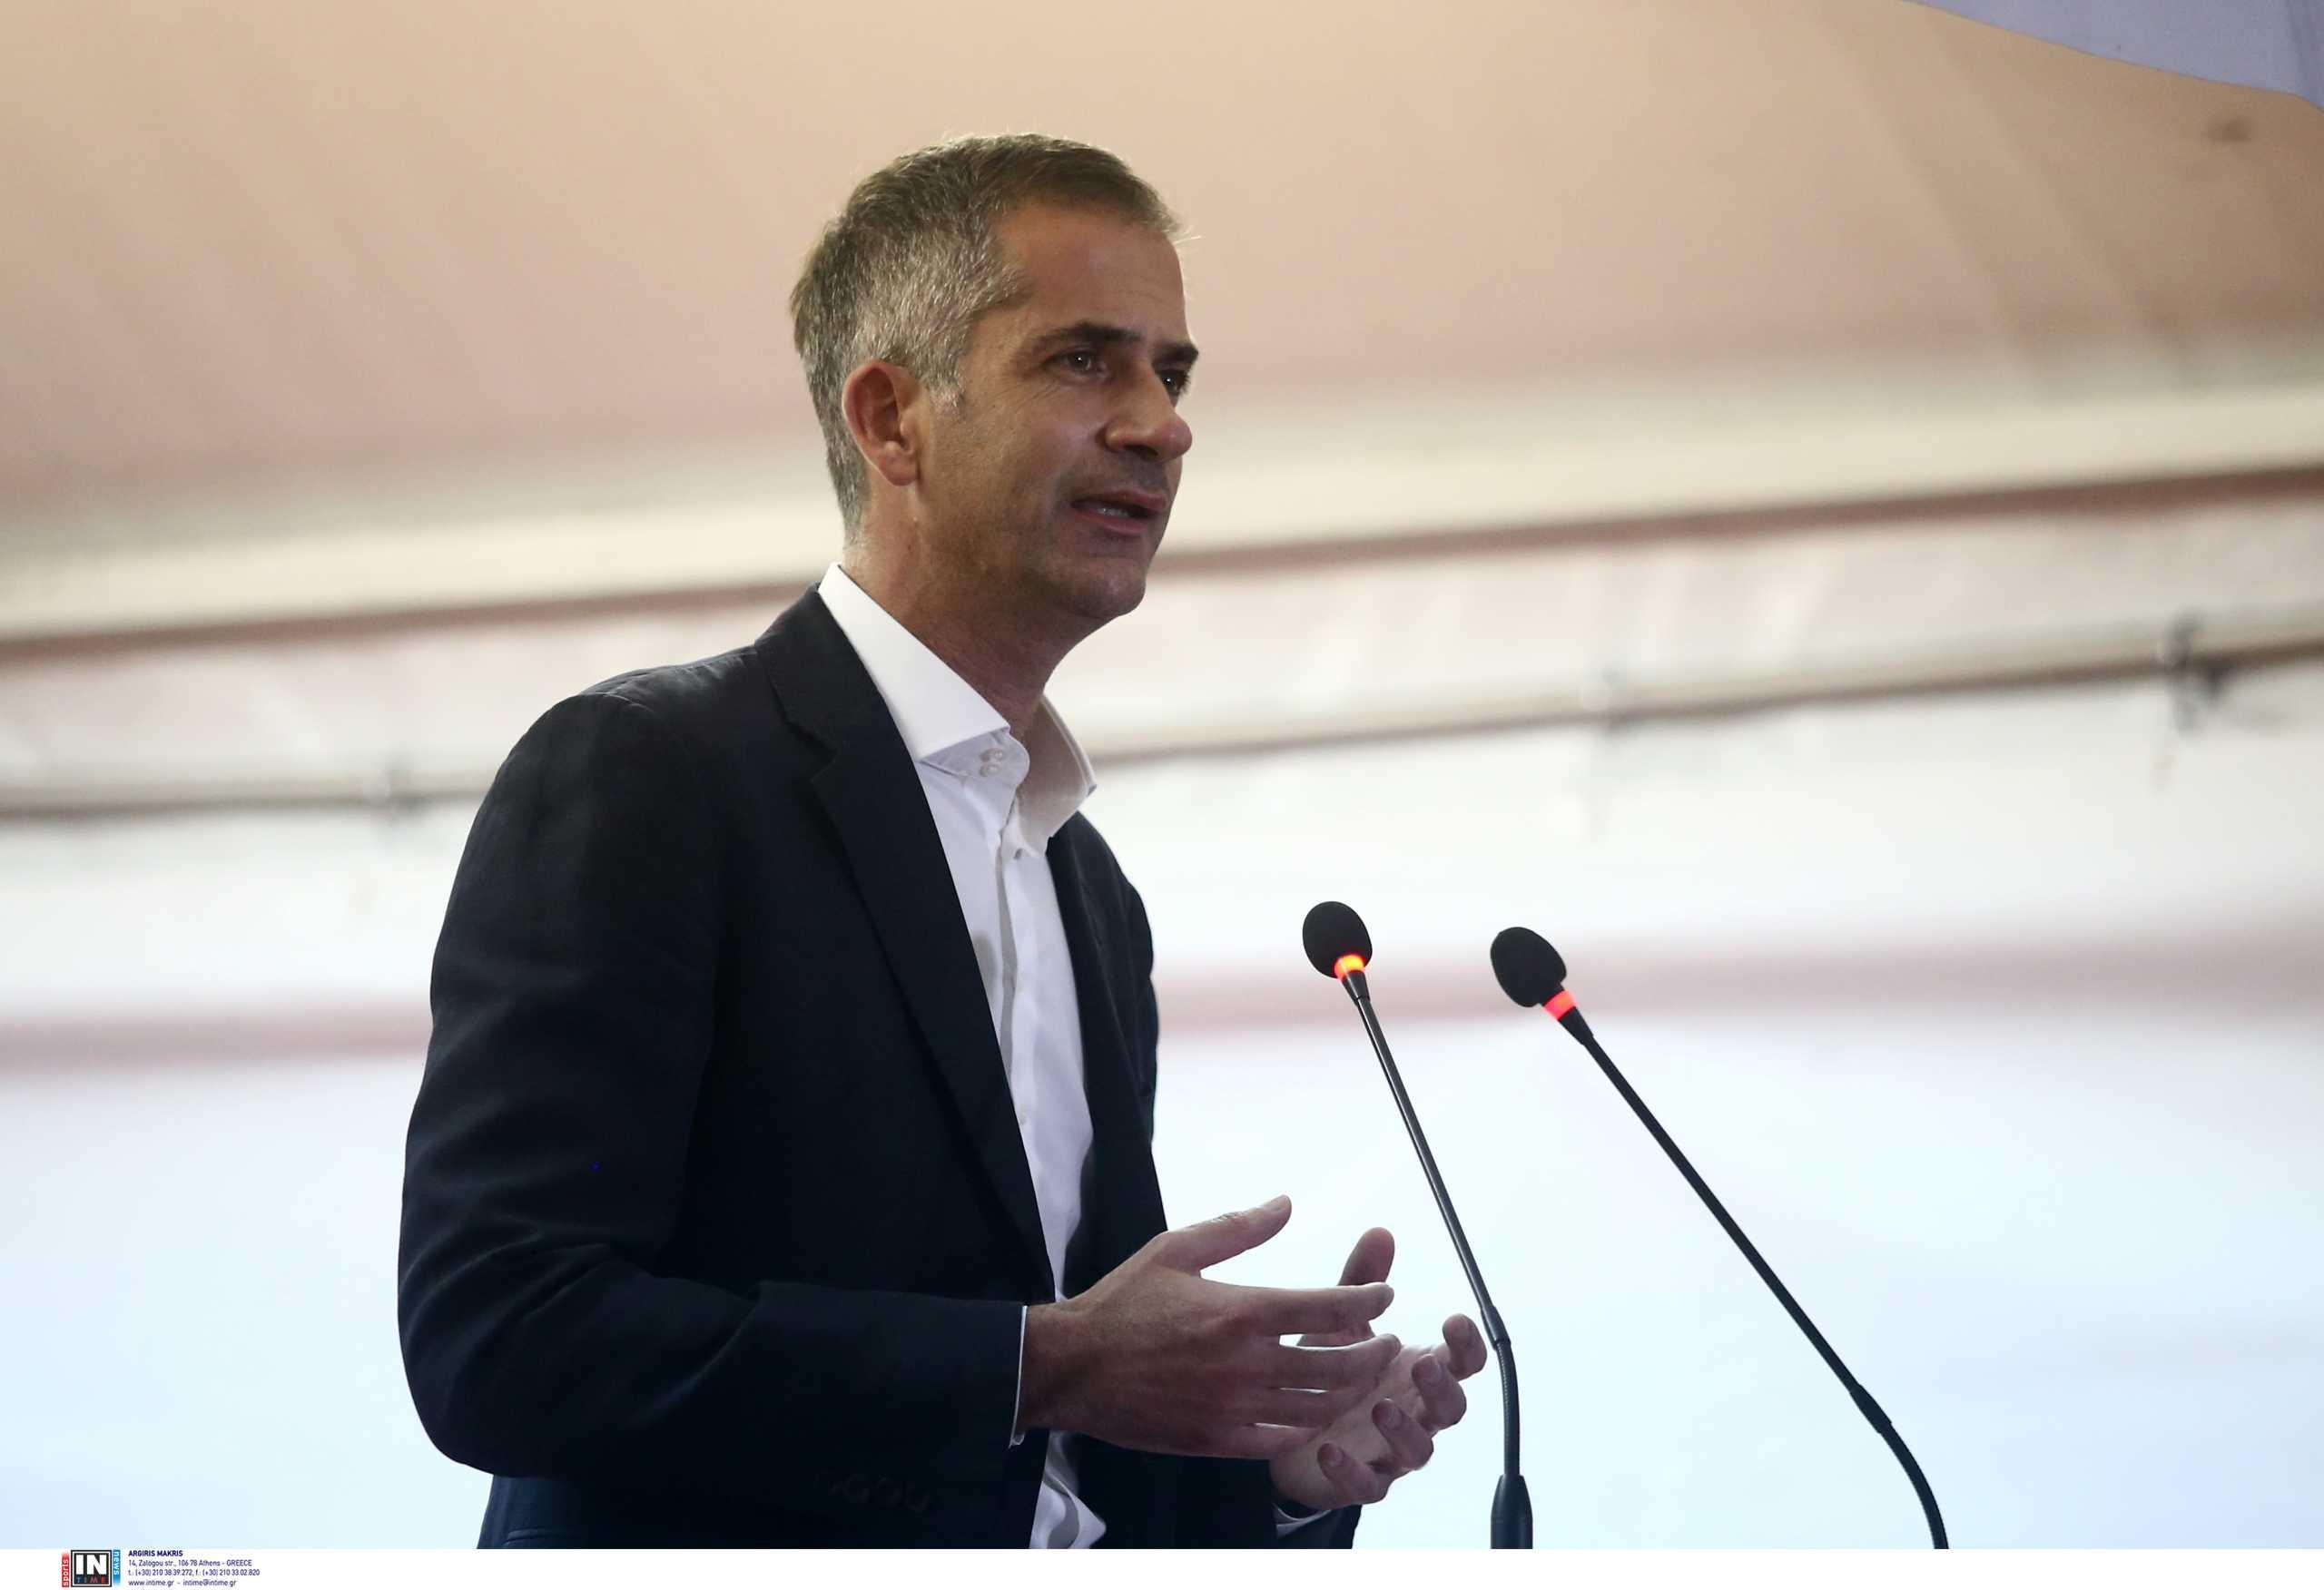 Athens Democracy Forum – Κώστας Μπακογιάννης: «Μόνο η δημοκρατία μπορεί να απαντήσει αποτελεσματικά στην κλιματική αλλαγή»